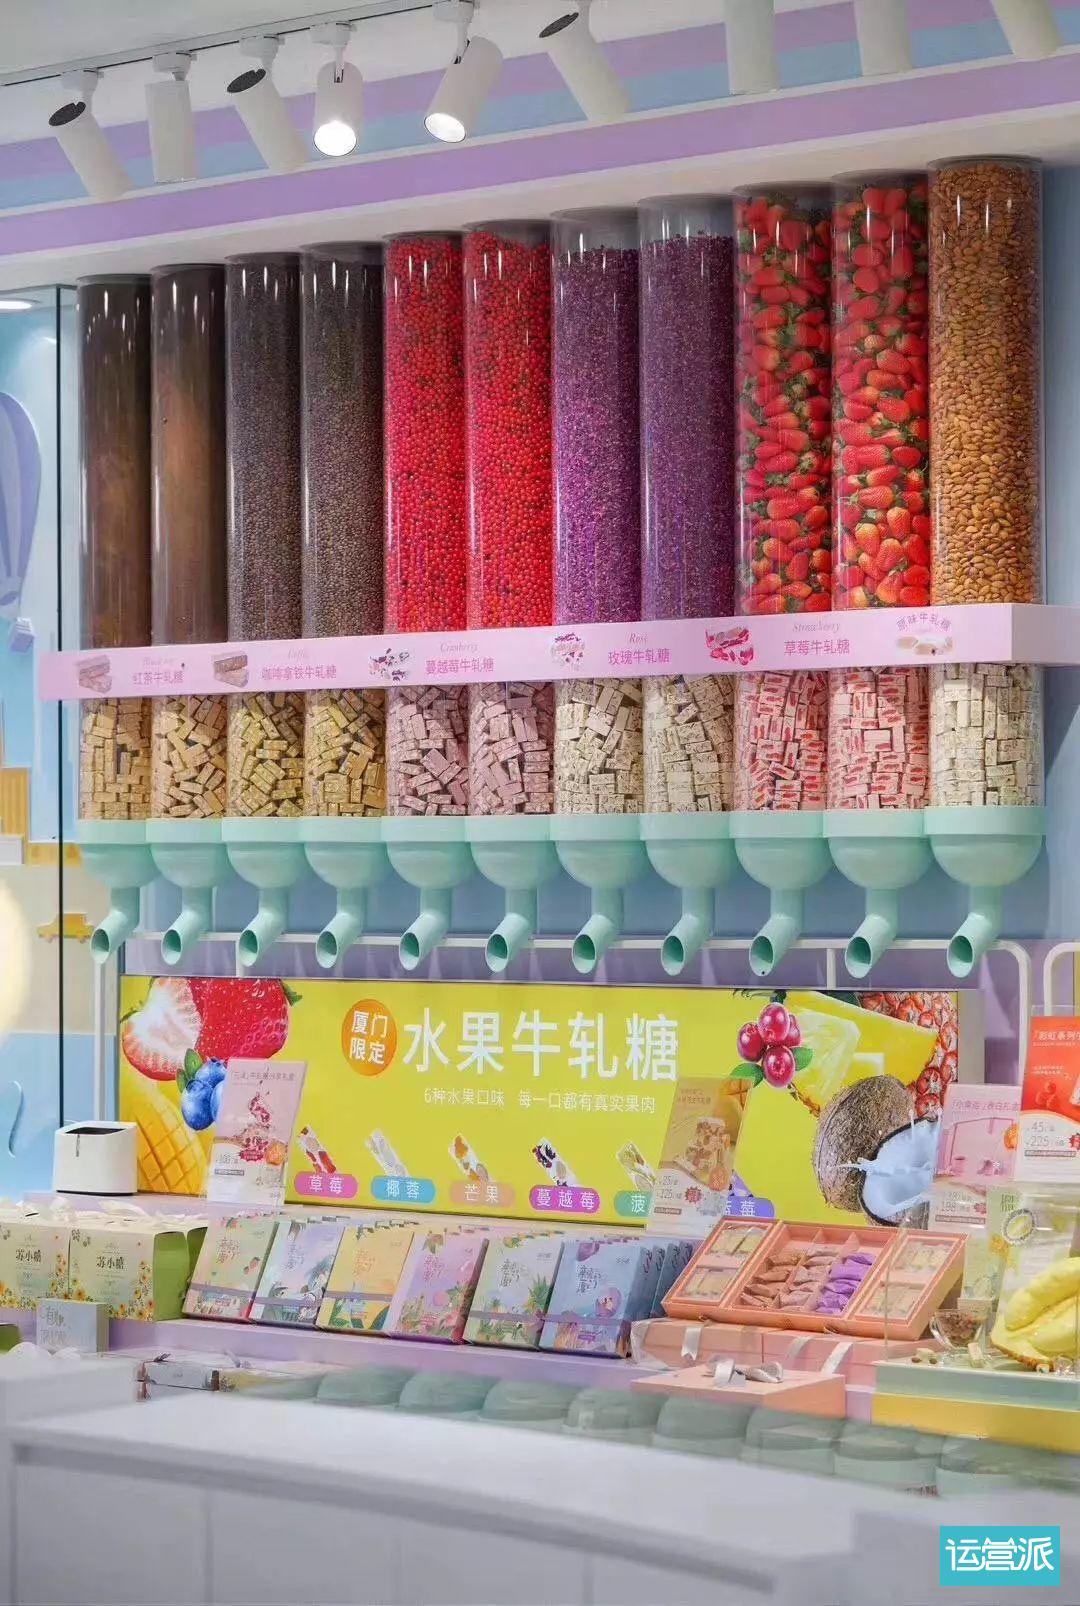 苏小糖私域流量运营全案,复购提升4倍,业绩提升5倍的秘密全公开!